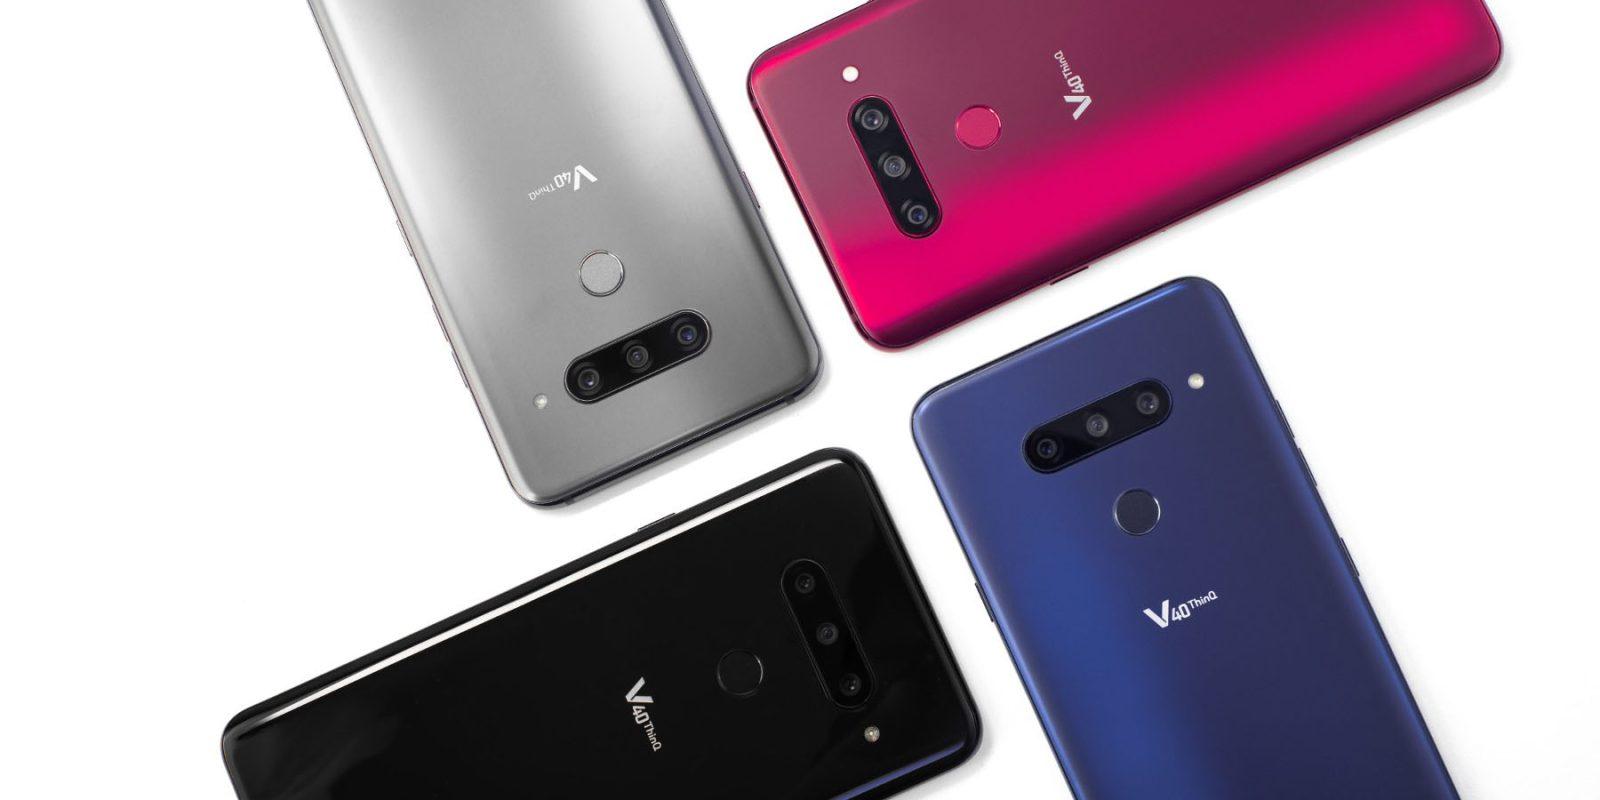 Смартфоны, которые мы сможем купить осенью 2018 - LG V40 ThinQ